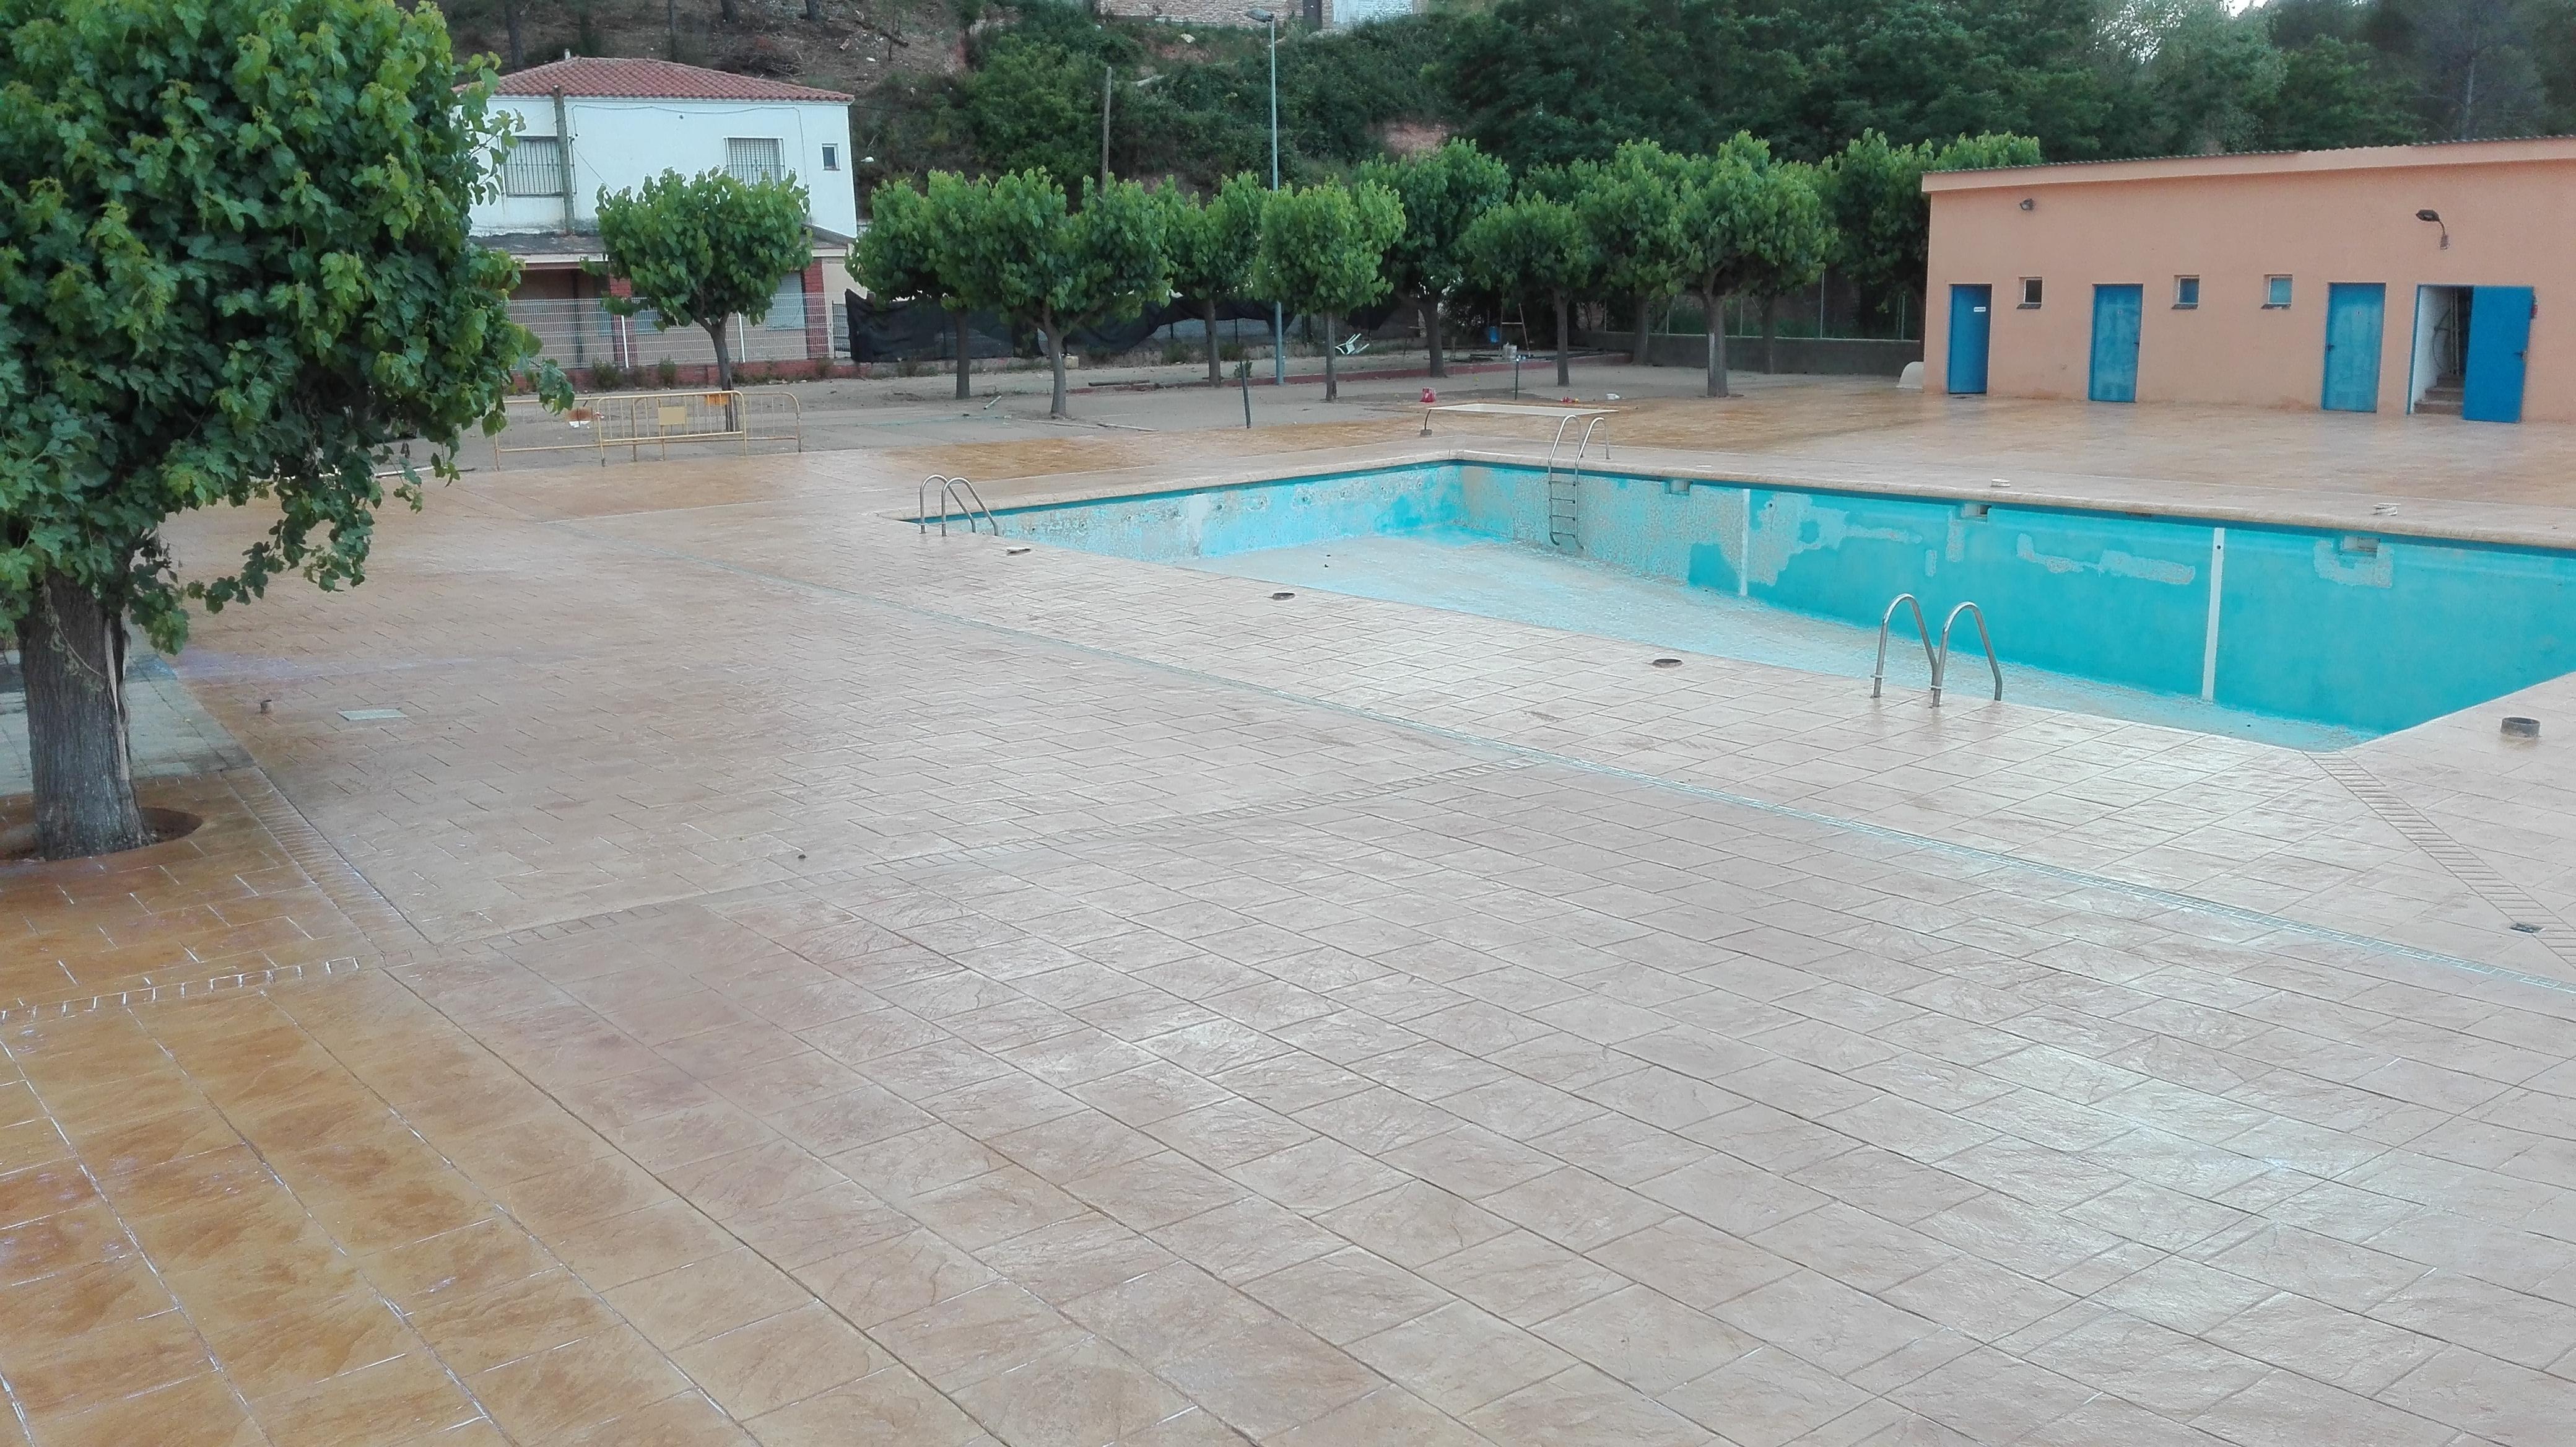 Hormigon impreso para piscinas remate con hormign impreso for Hormigon impreso badajoz